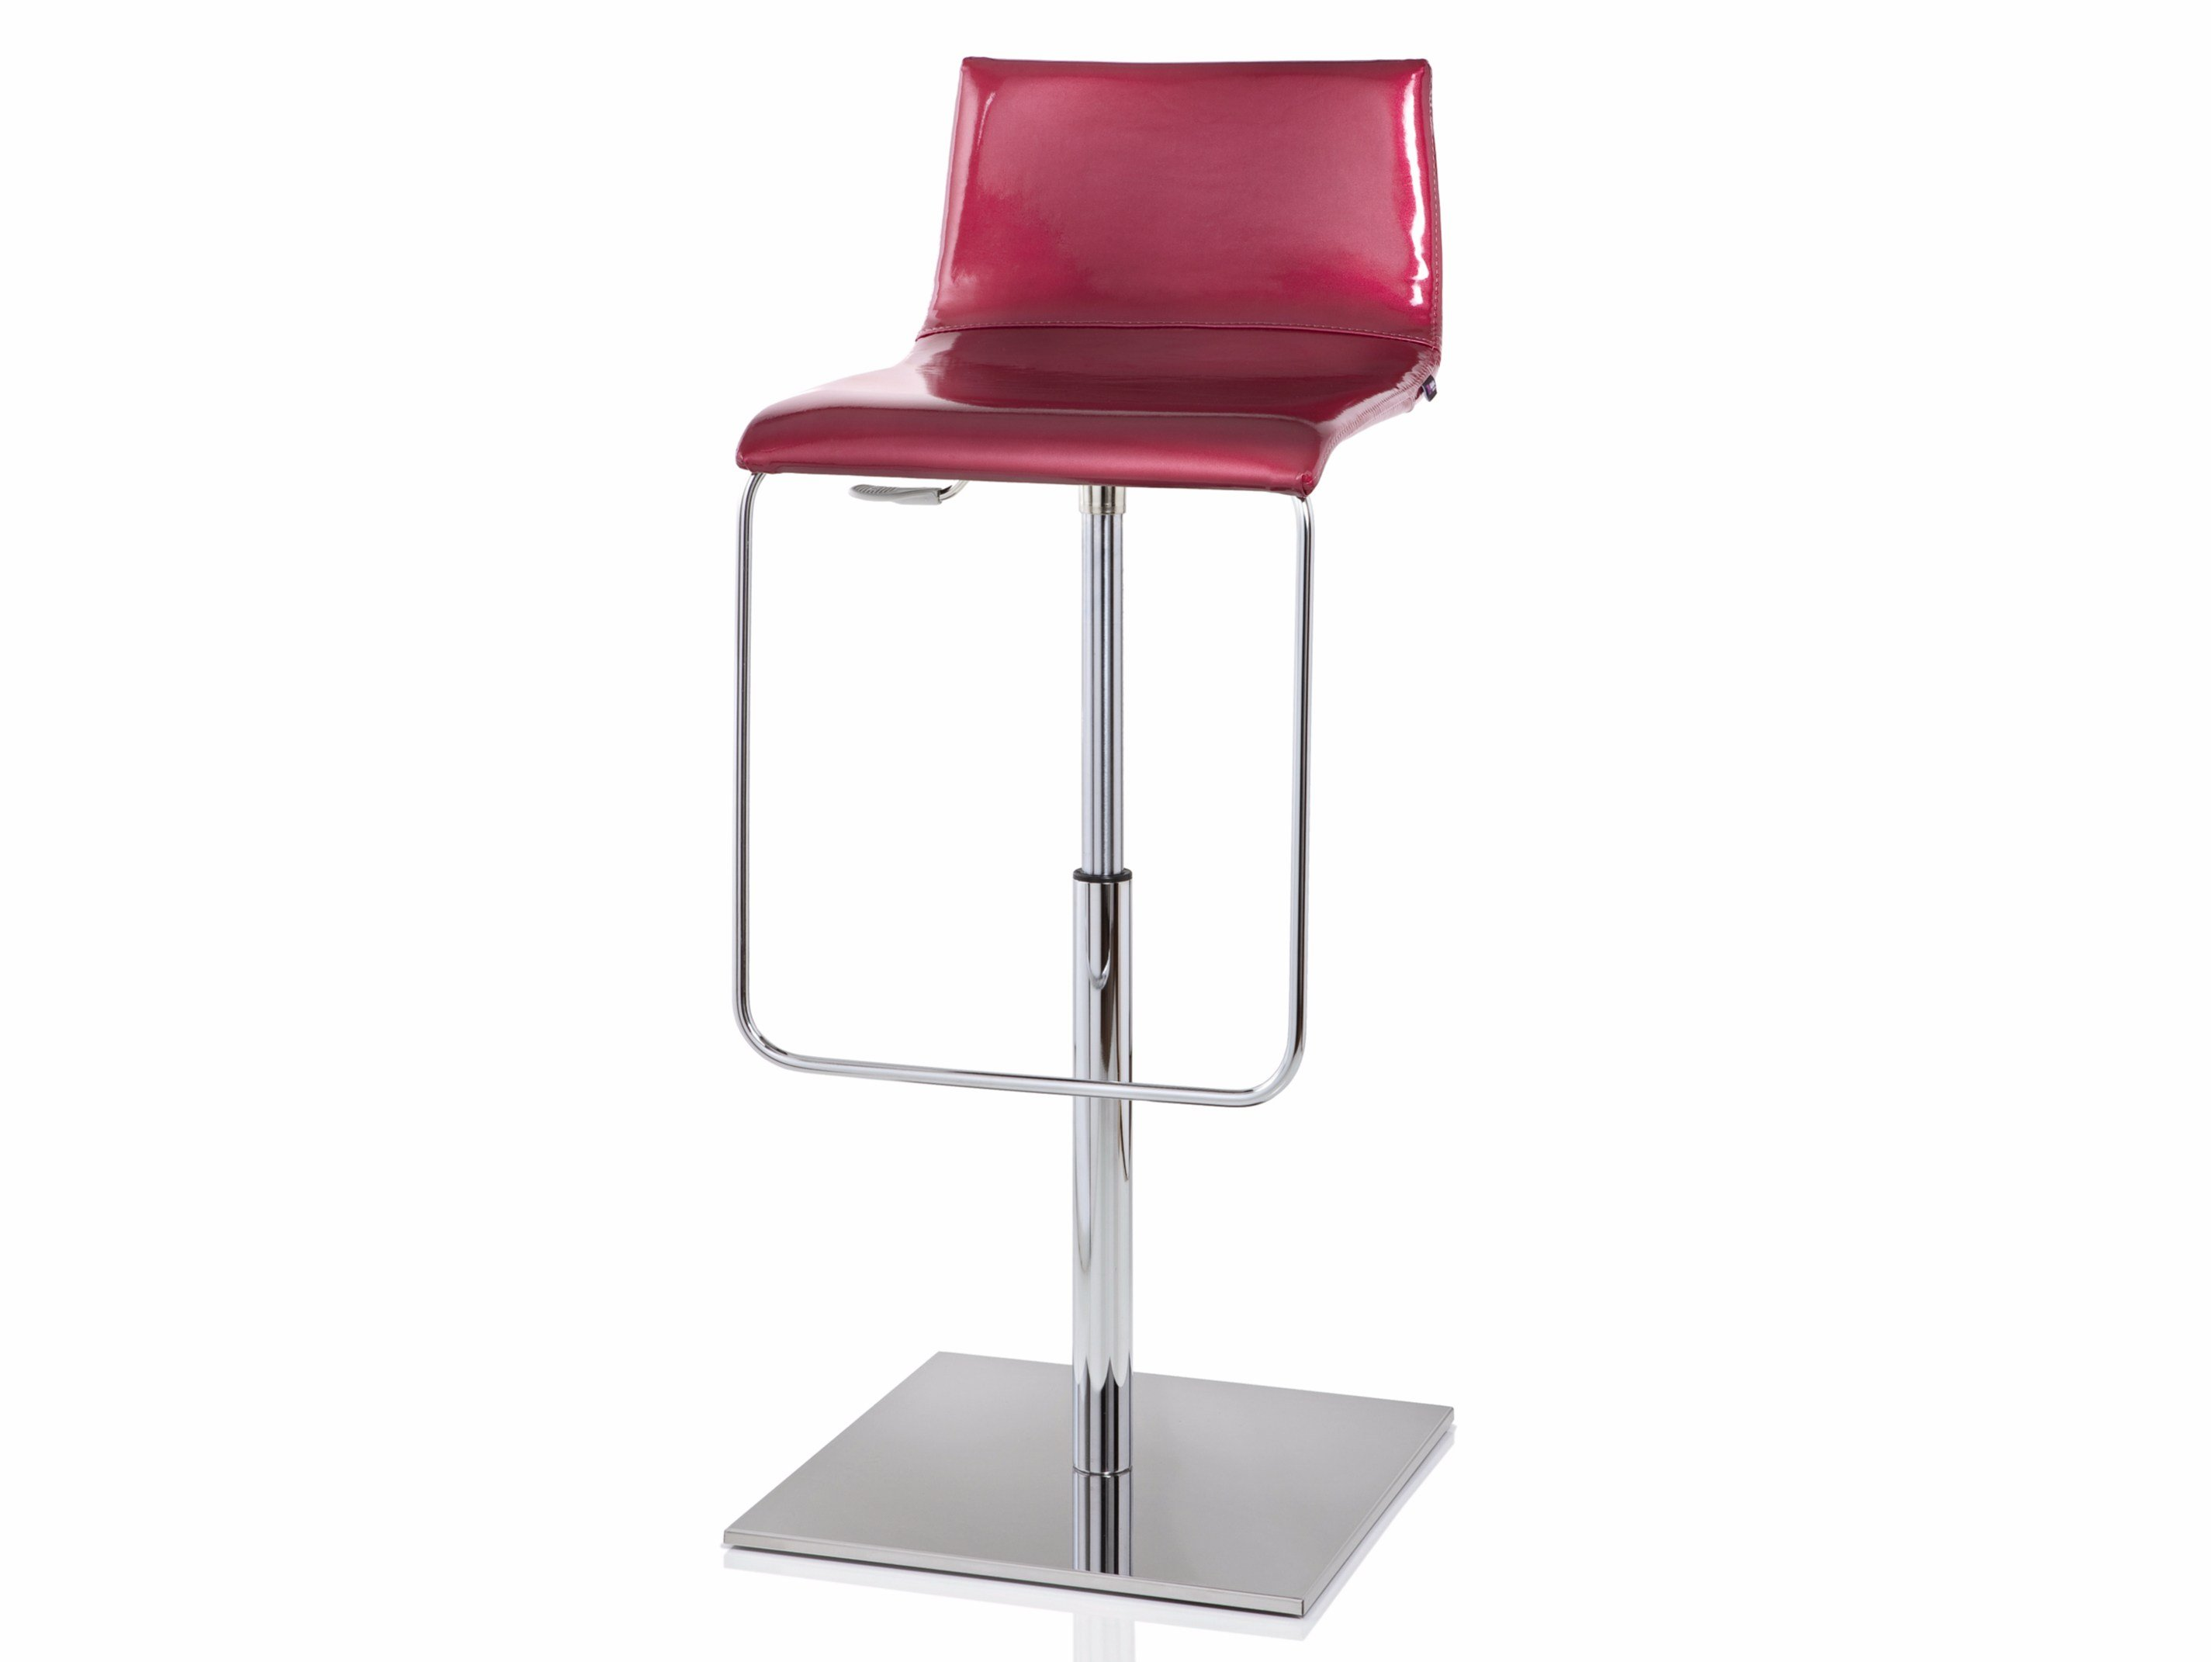 anouk  heightadjustable stool anouk collection by alma design  - anouk  heightadjustable stool anouk collection by alma design designnicola cacco